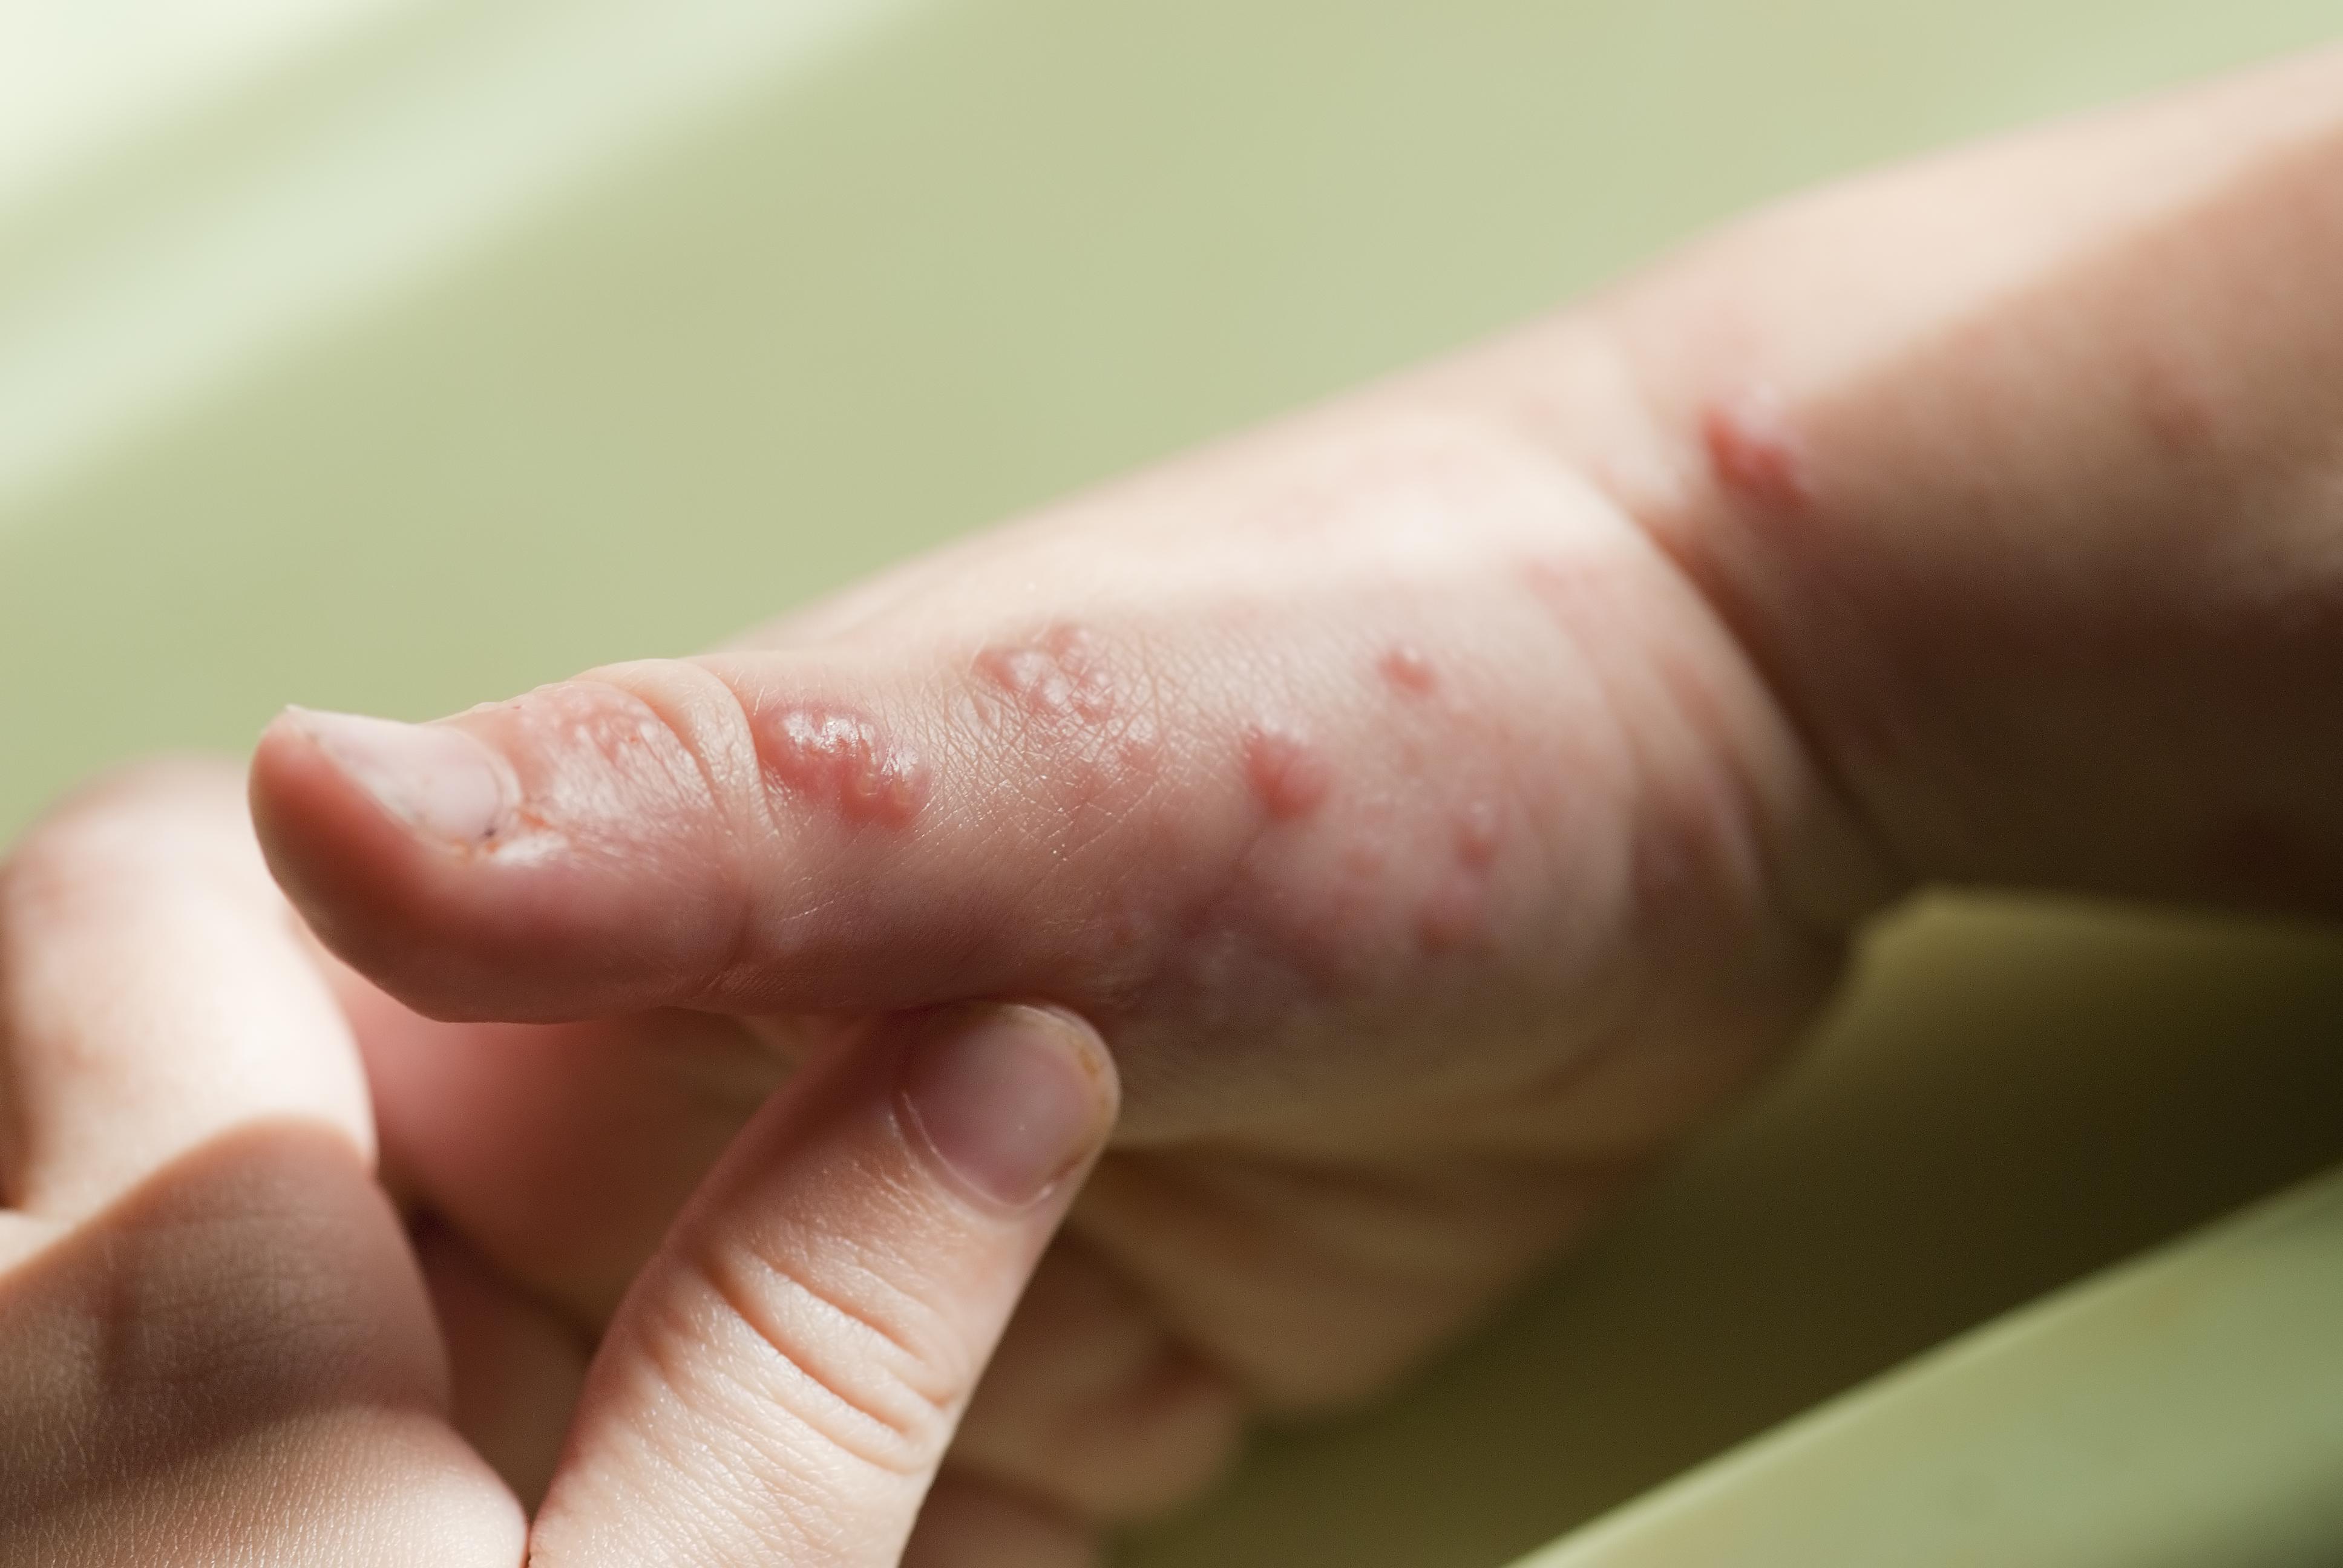 hur länge smittar herpes